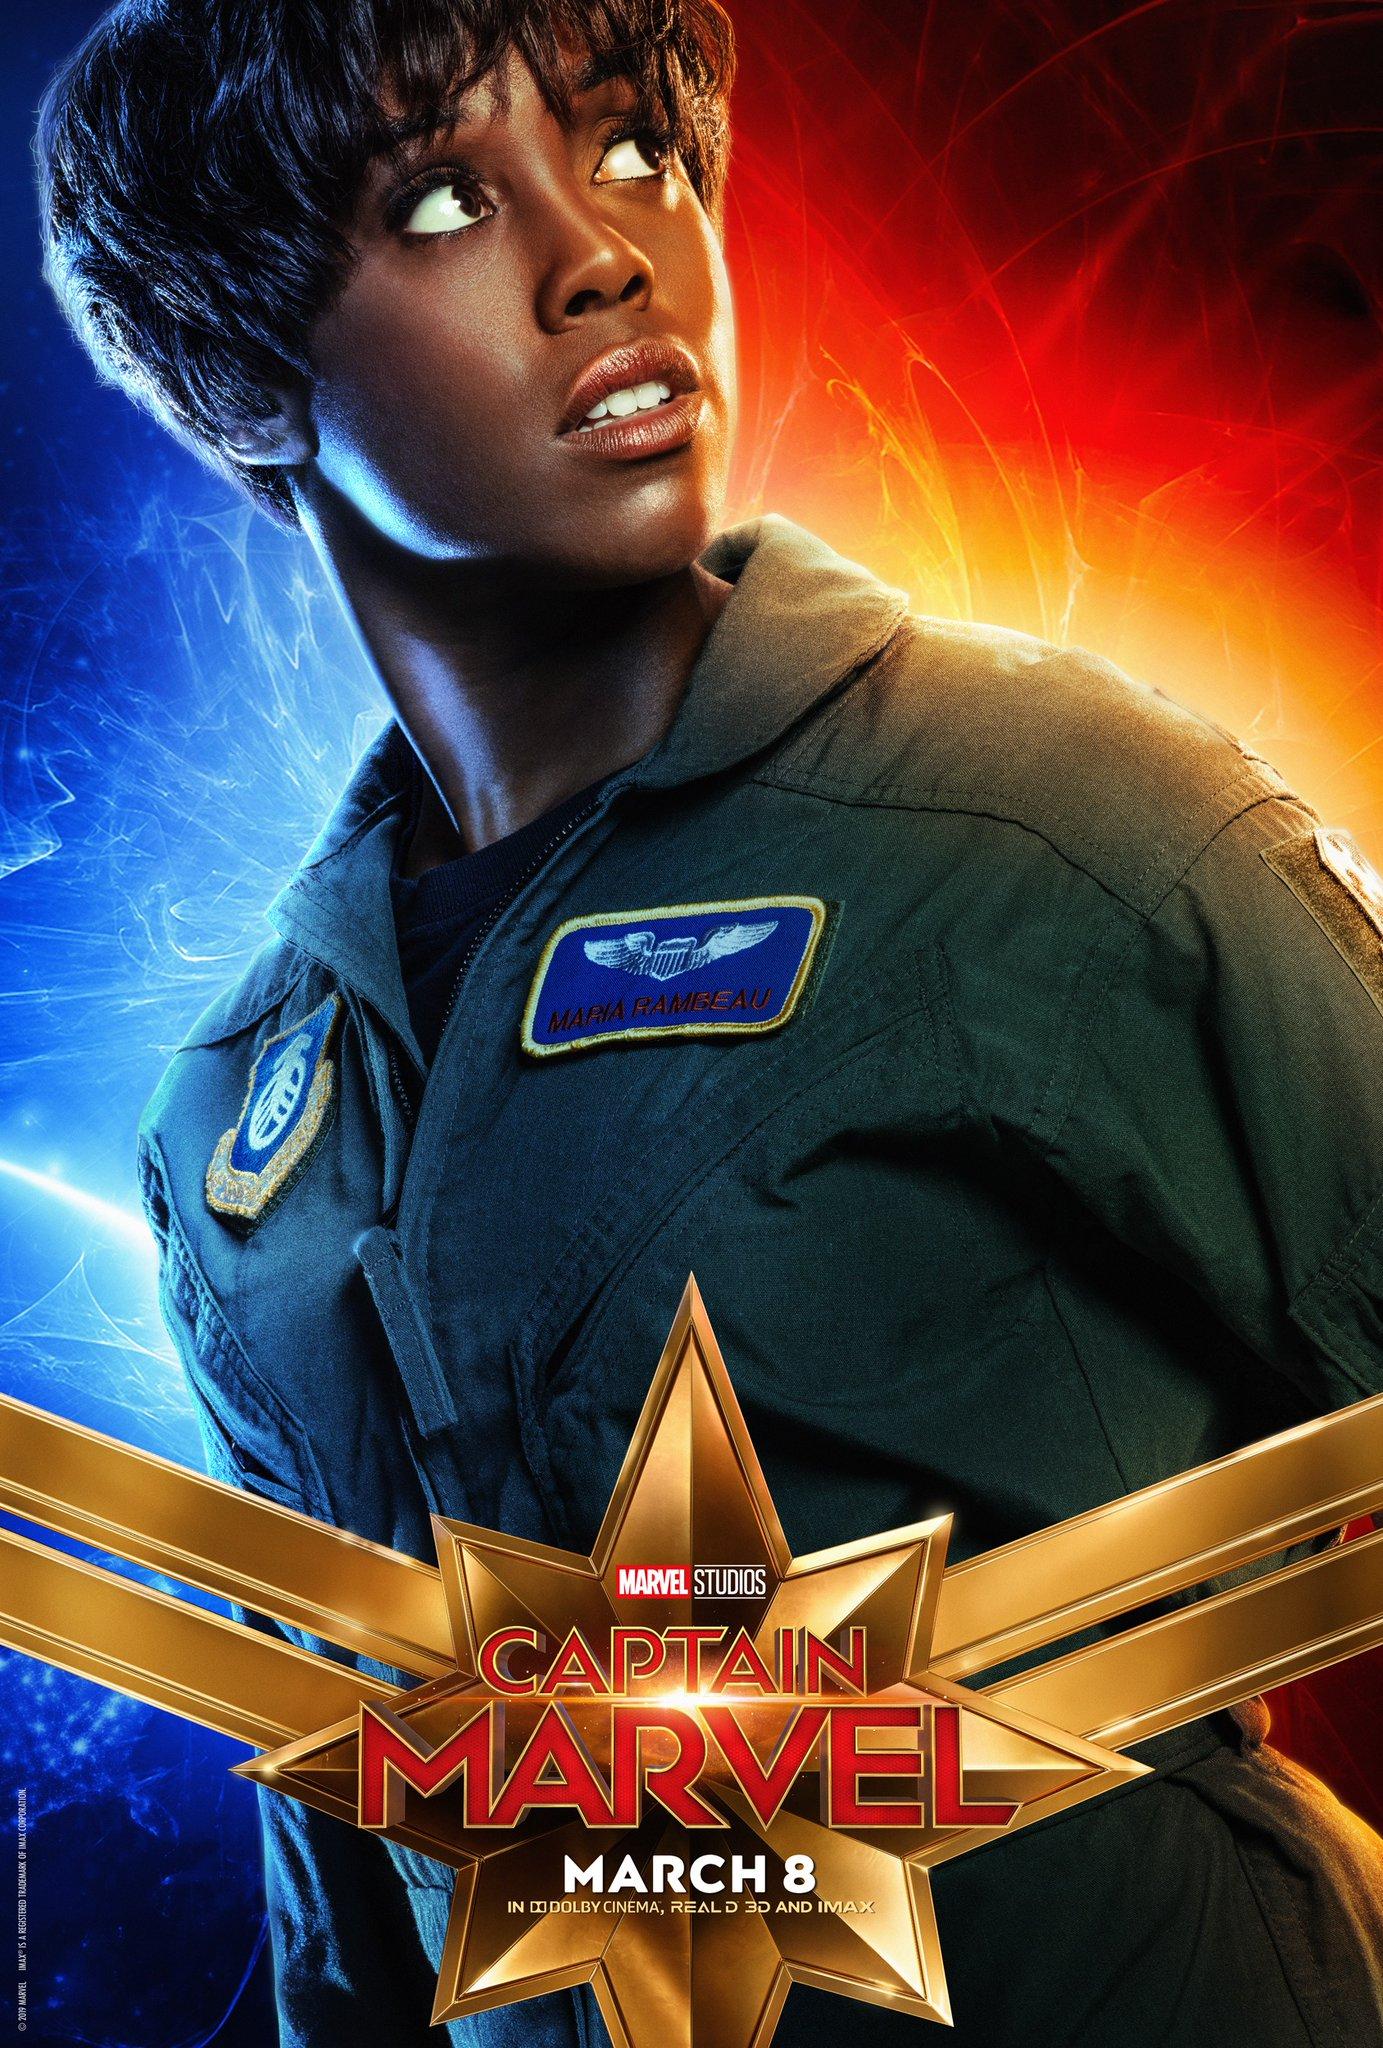 Captain Marvel Character Poster - Lashana Lynch Maria Rambeau